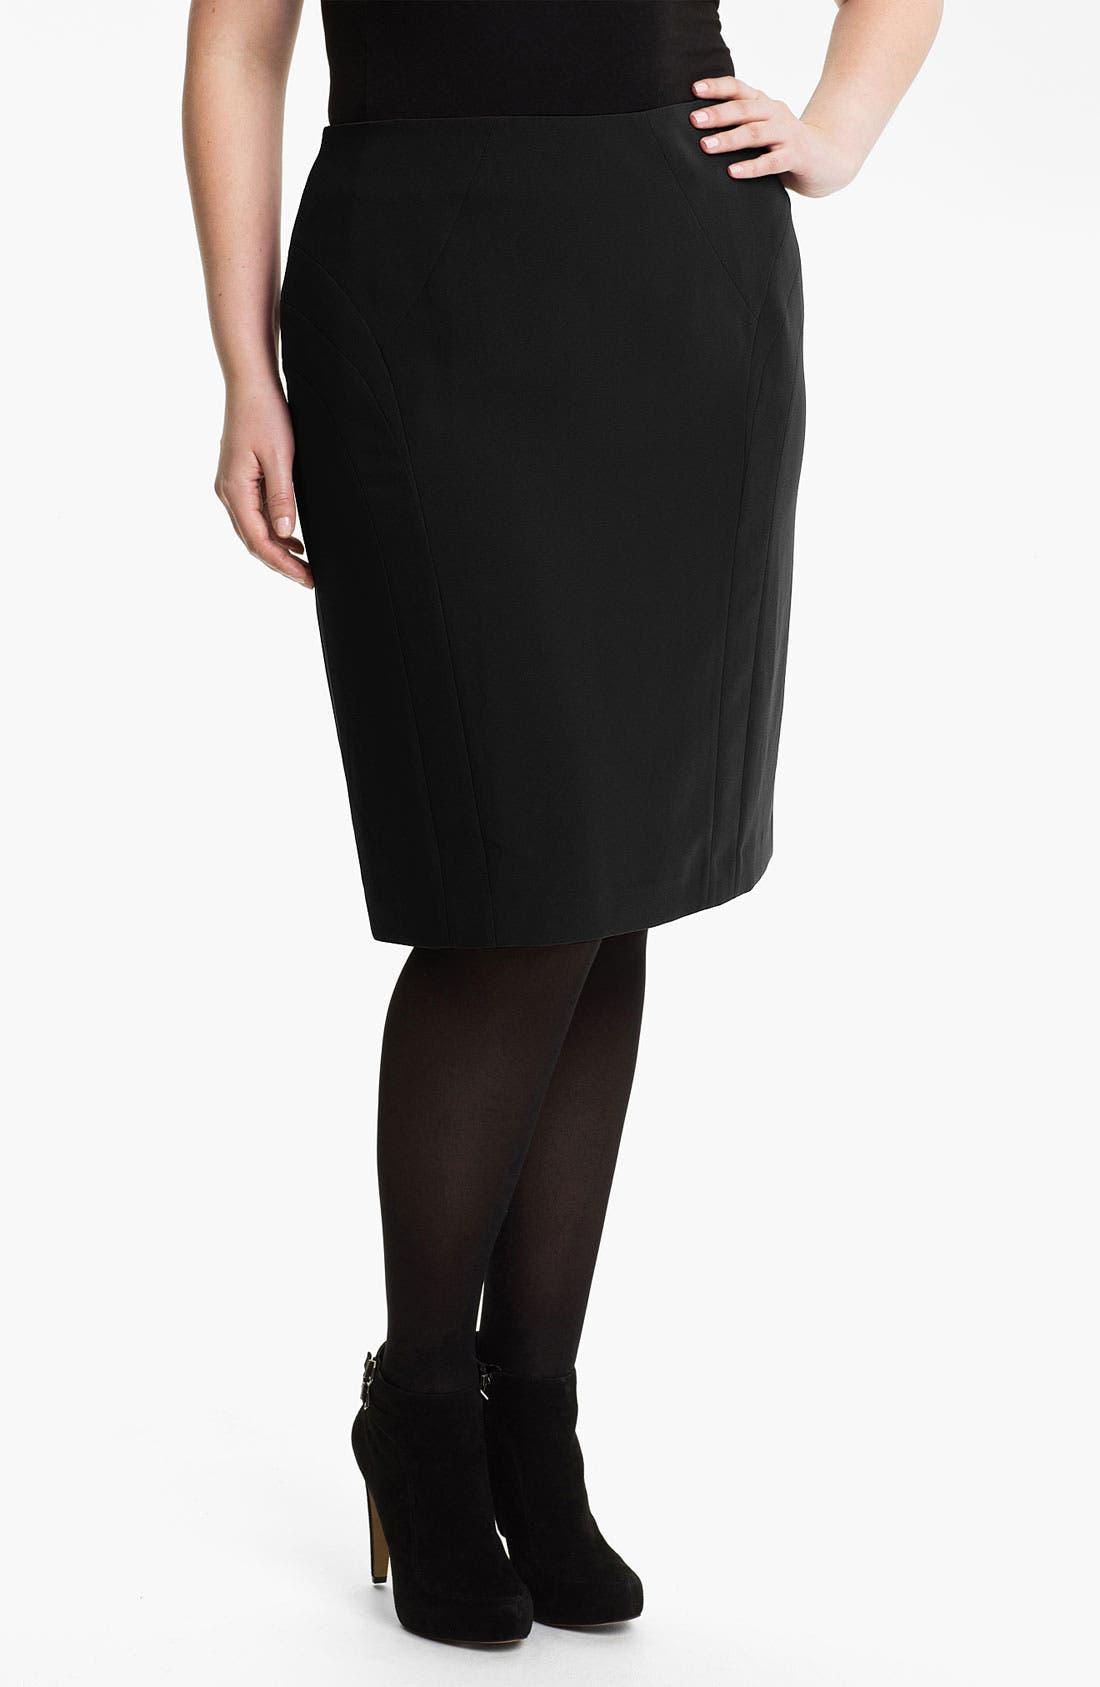 Alternate Image 1 Selected - Sejour 'Ava' Seamed Skirt (Plus)